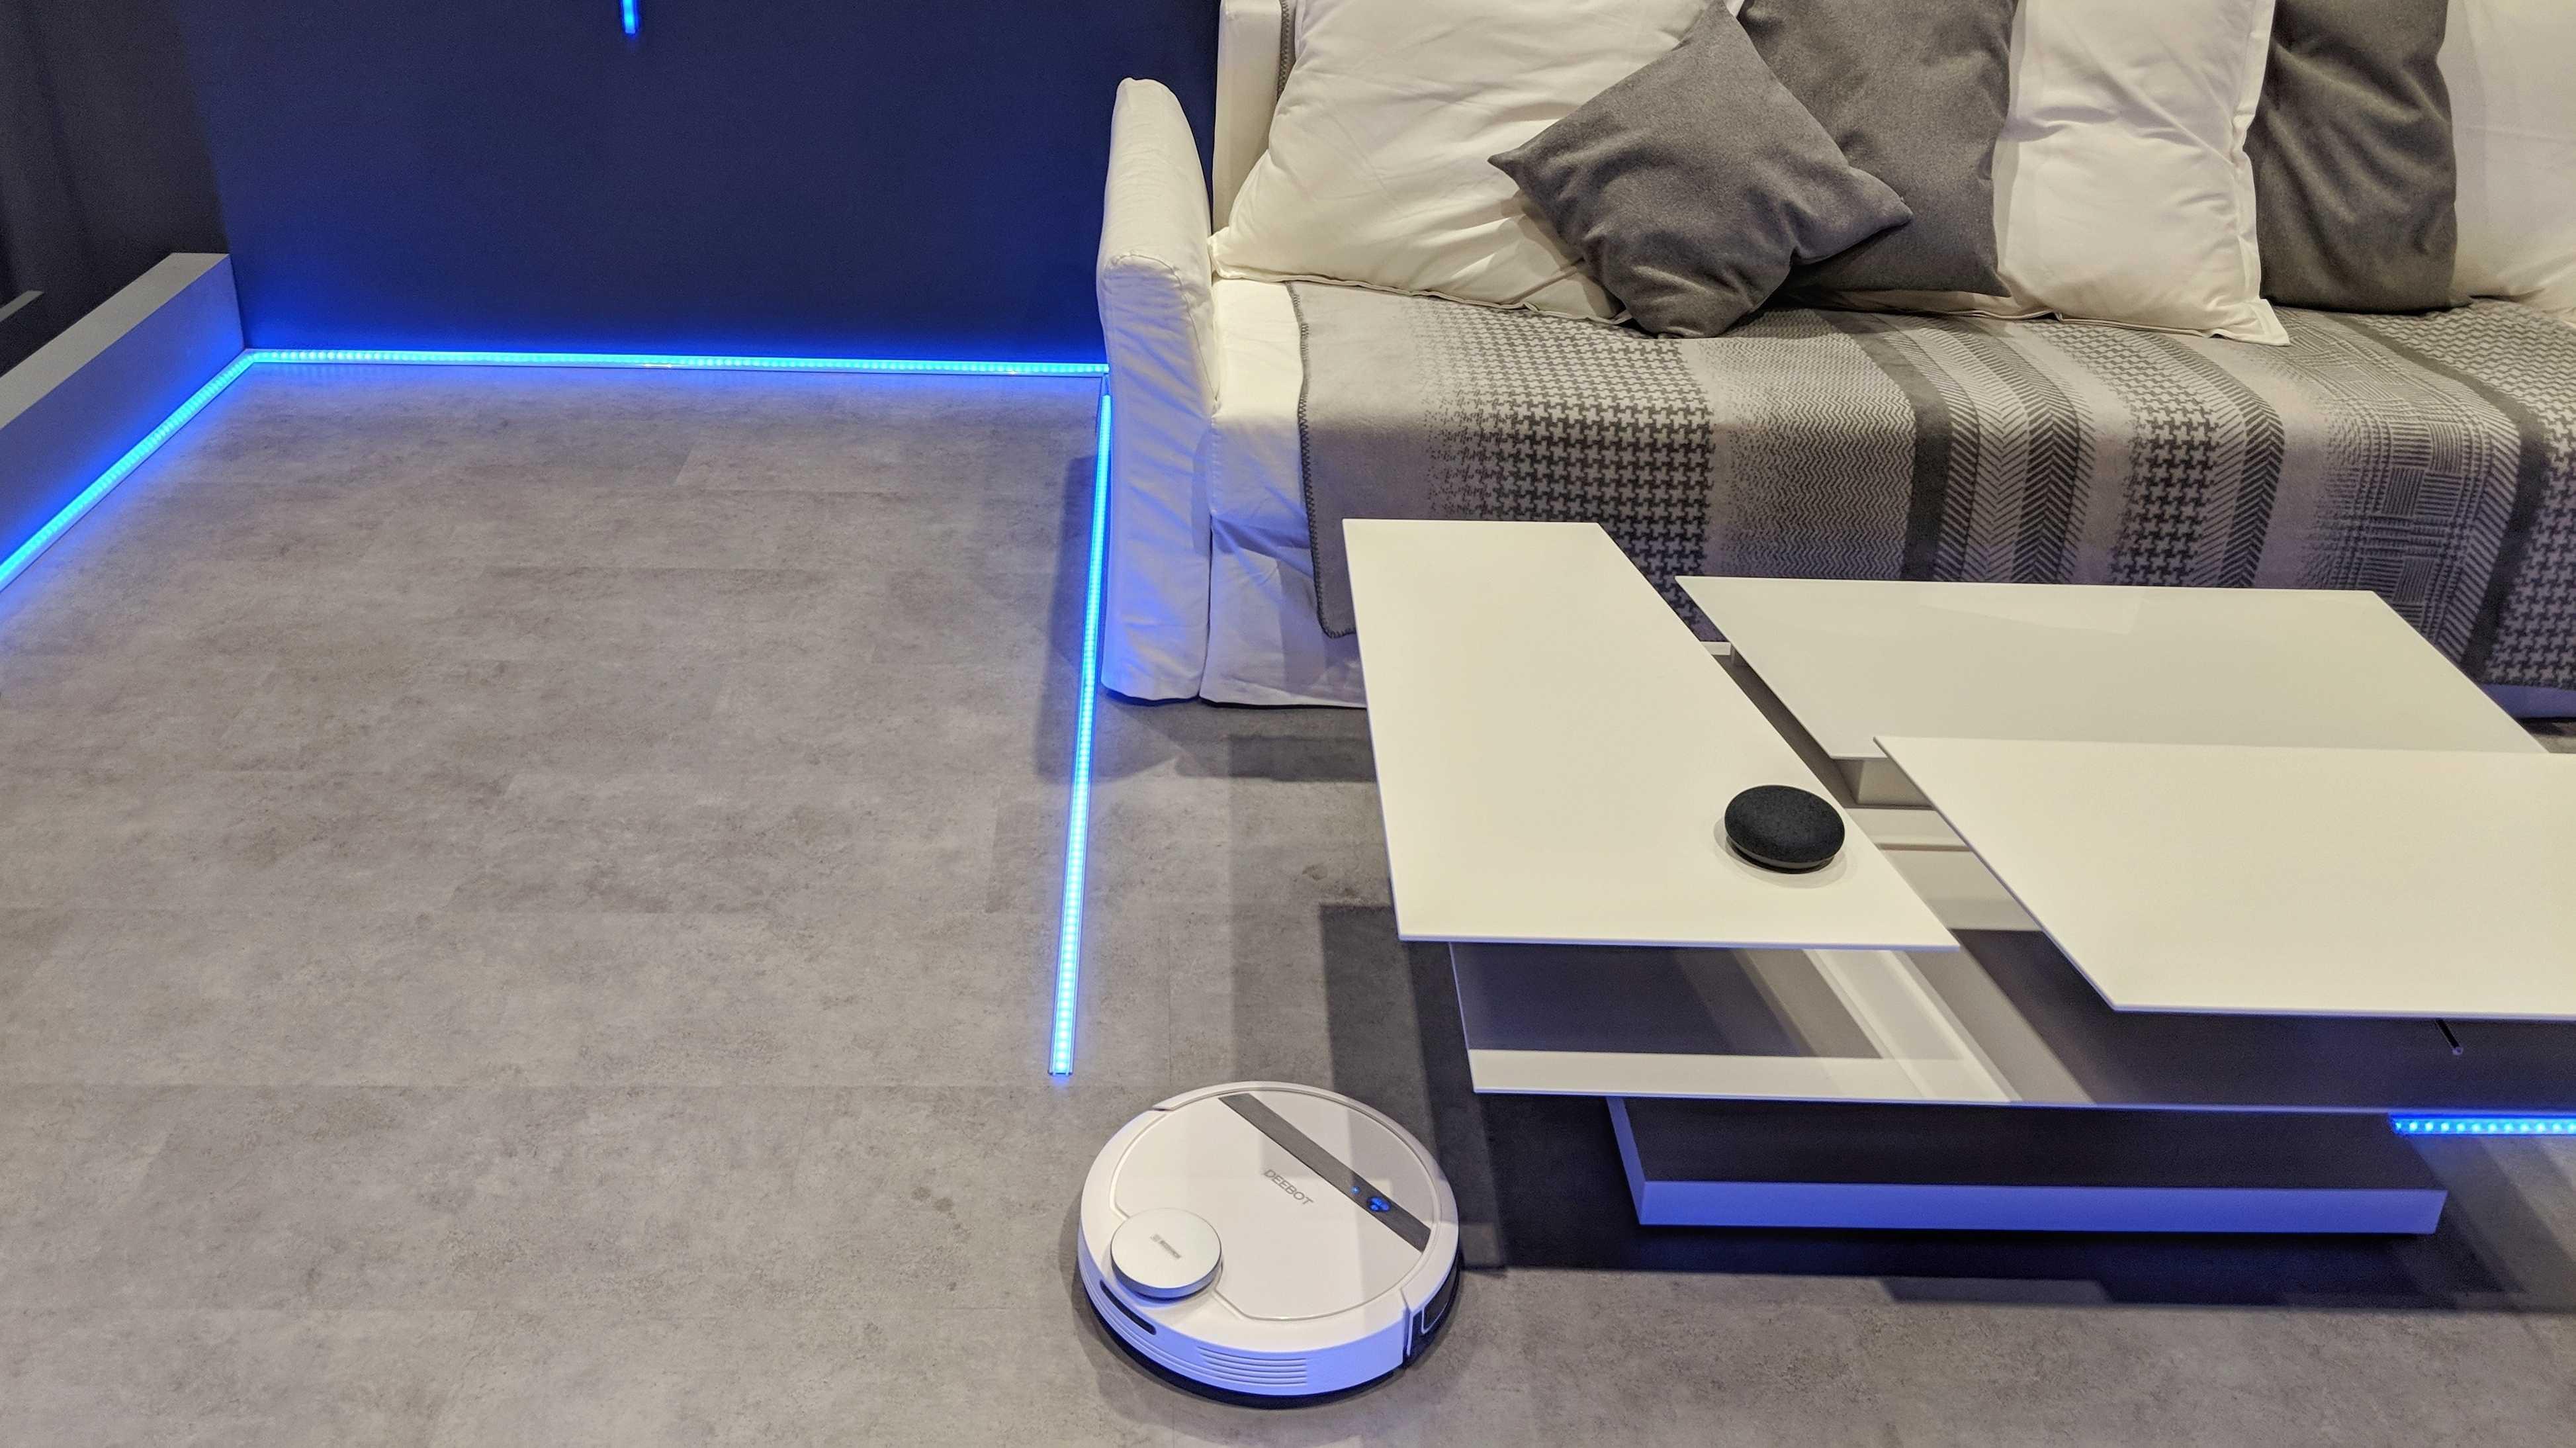 Neuer Saugroboter von Ecovacs frisst keine Kabel mehr